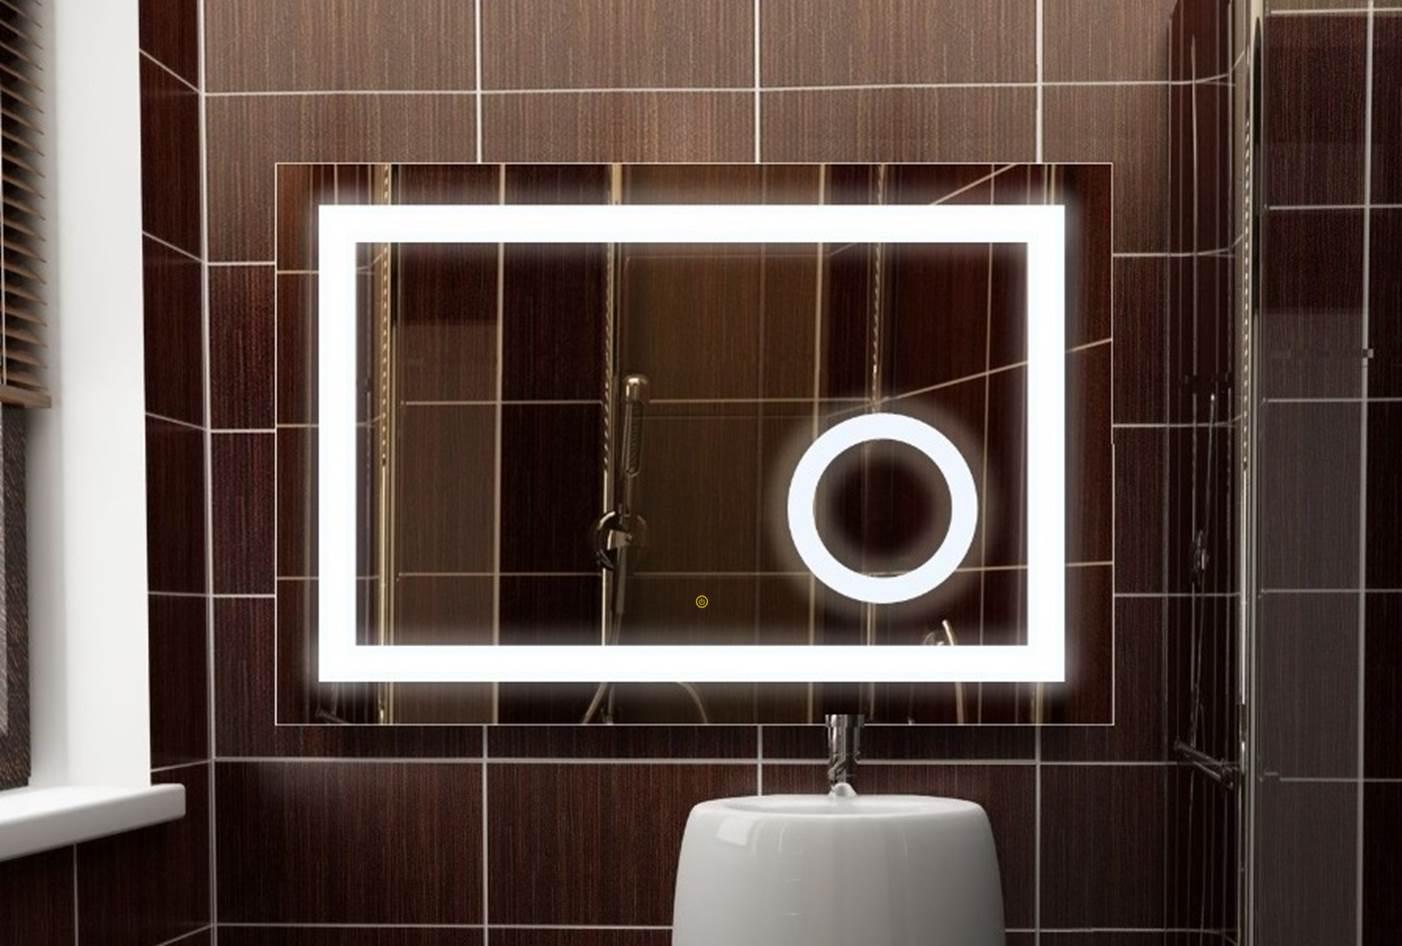 badspiegel power led mit integriertem kosmetikspiegel und